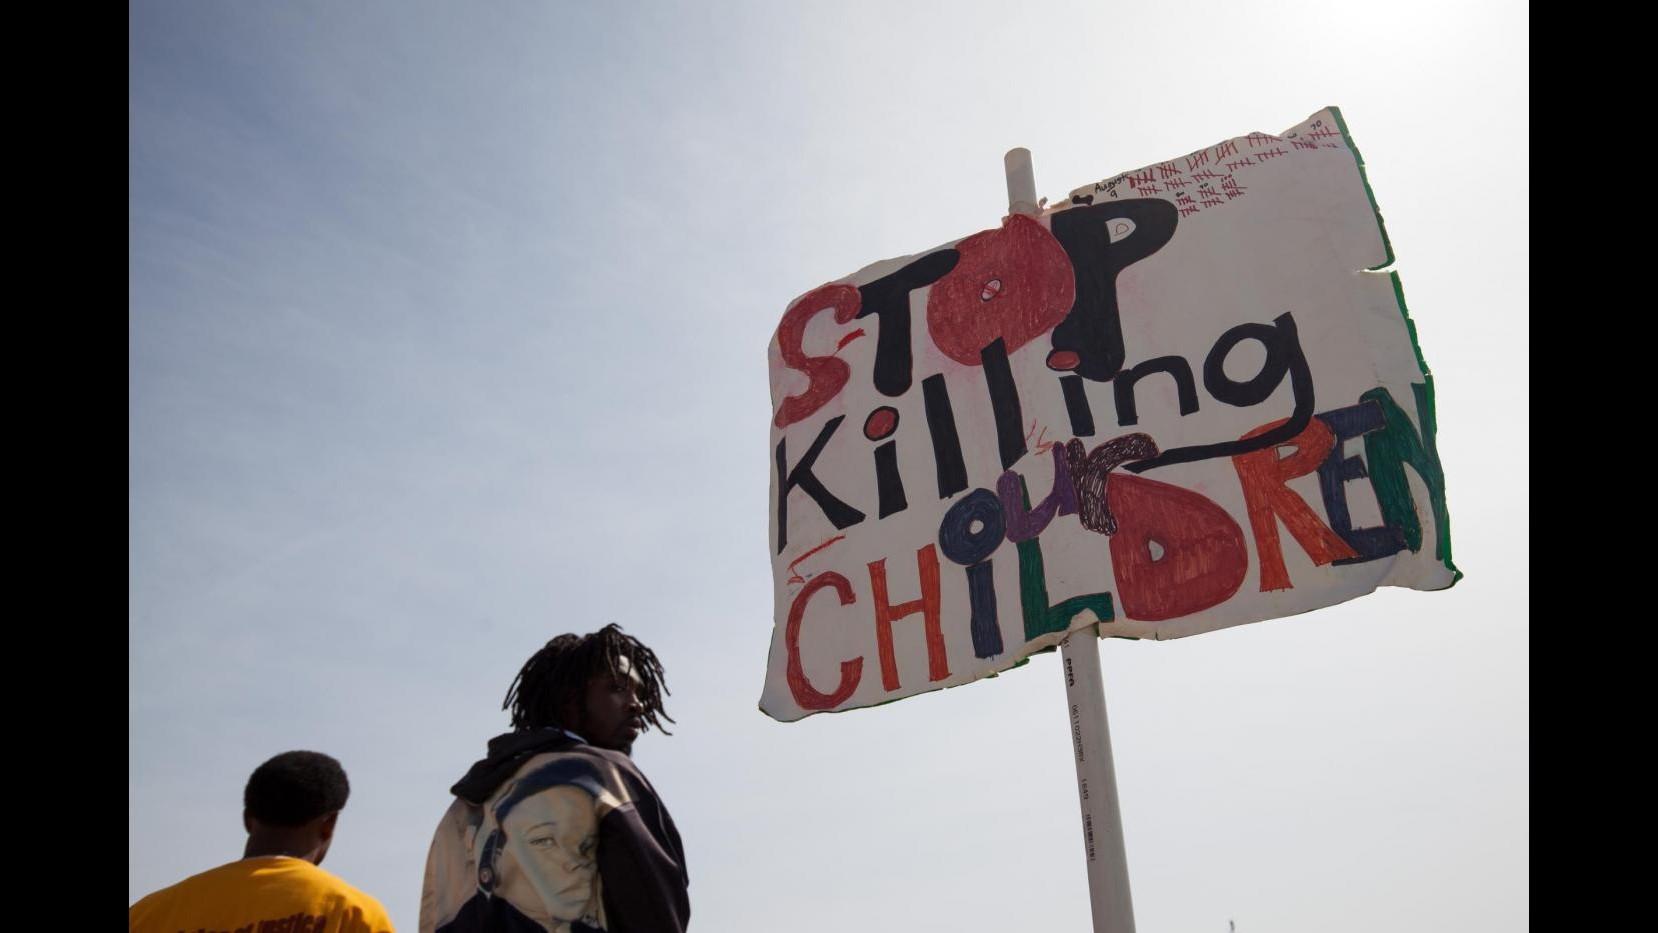 Usa, protesta a Ferguson in solidarietà Baltimora: uomo ferito da spari